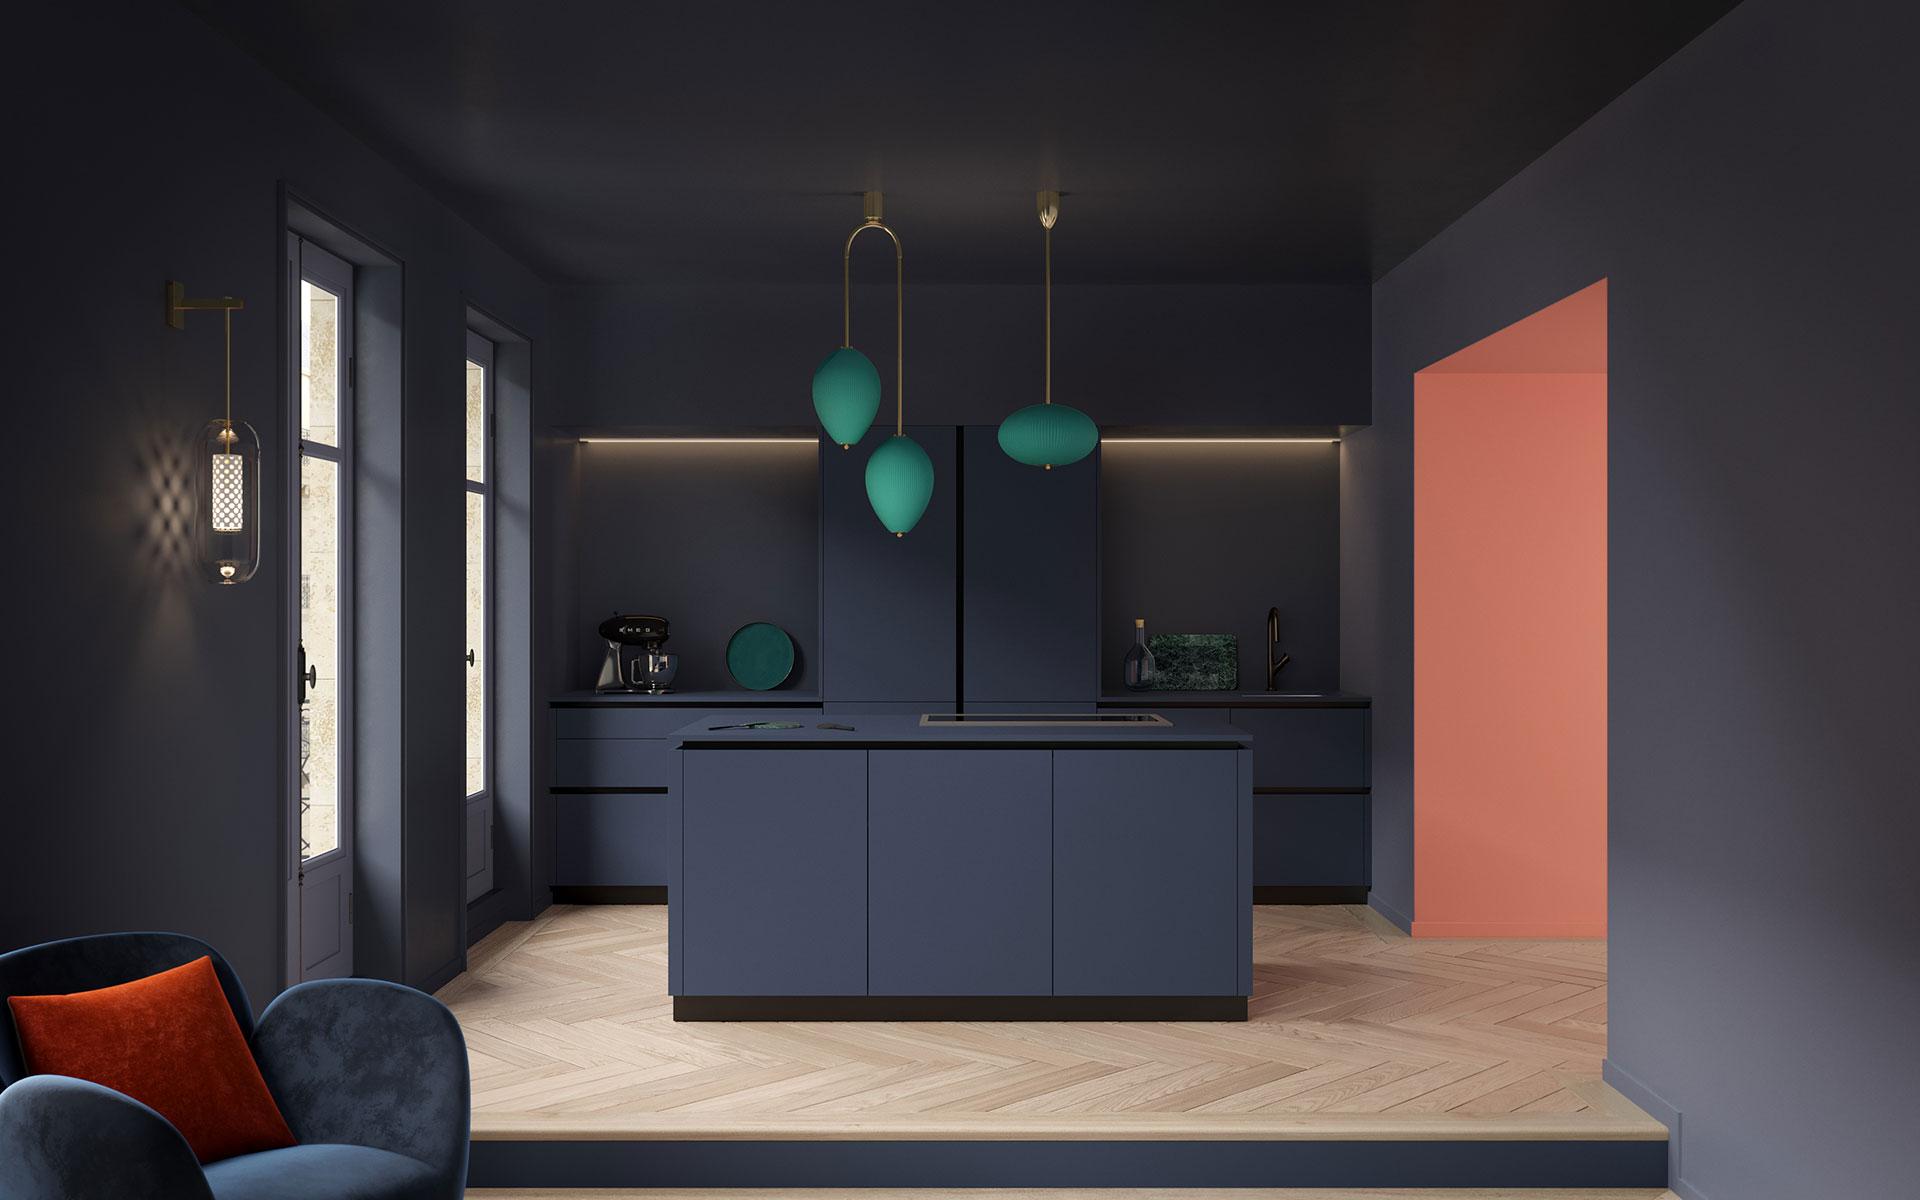 Vue 3D d'une cuisine moderne pour un projet publicitaire